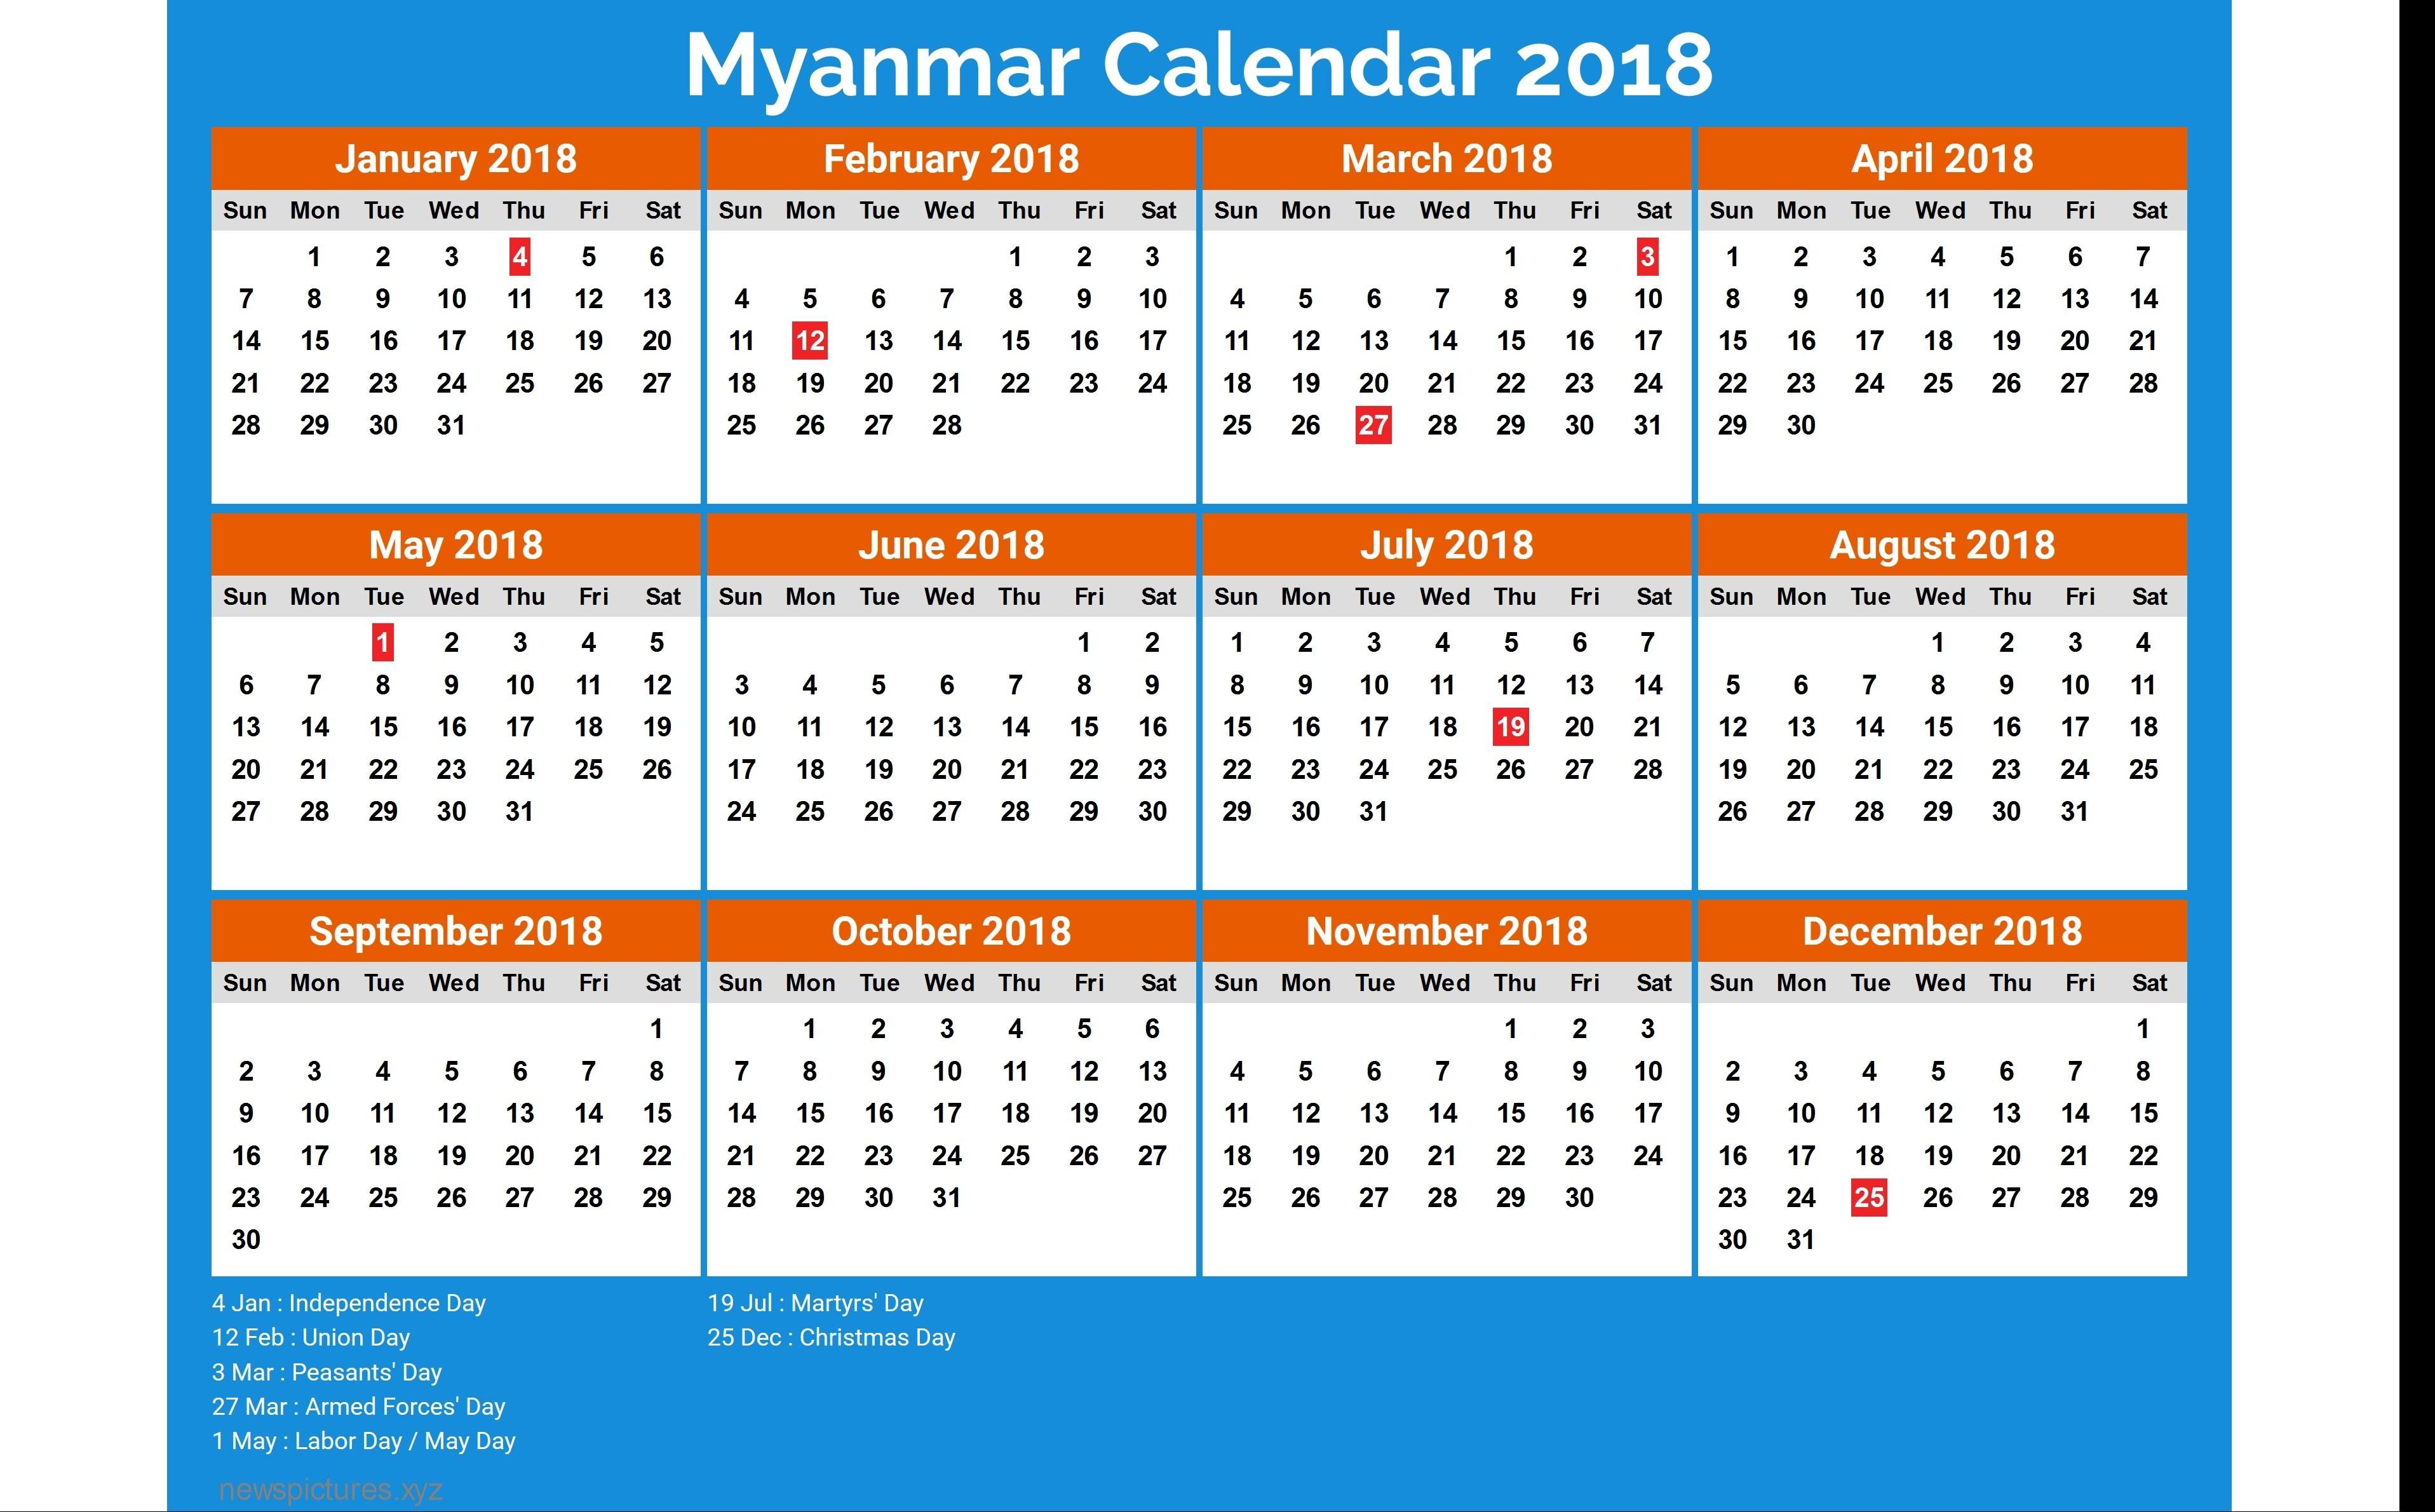 myanmar calendar 2018 8 newspicturesxyz 2